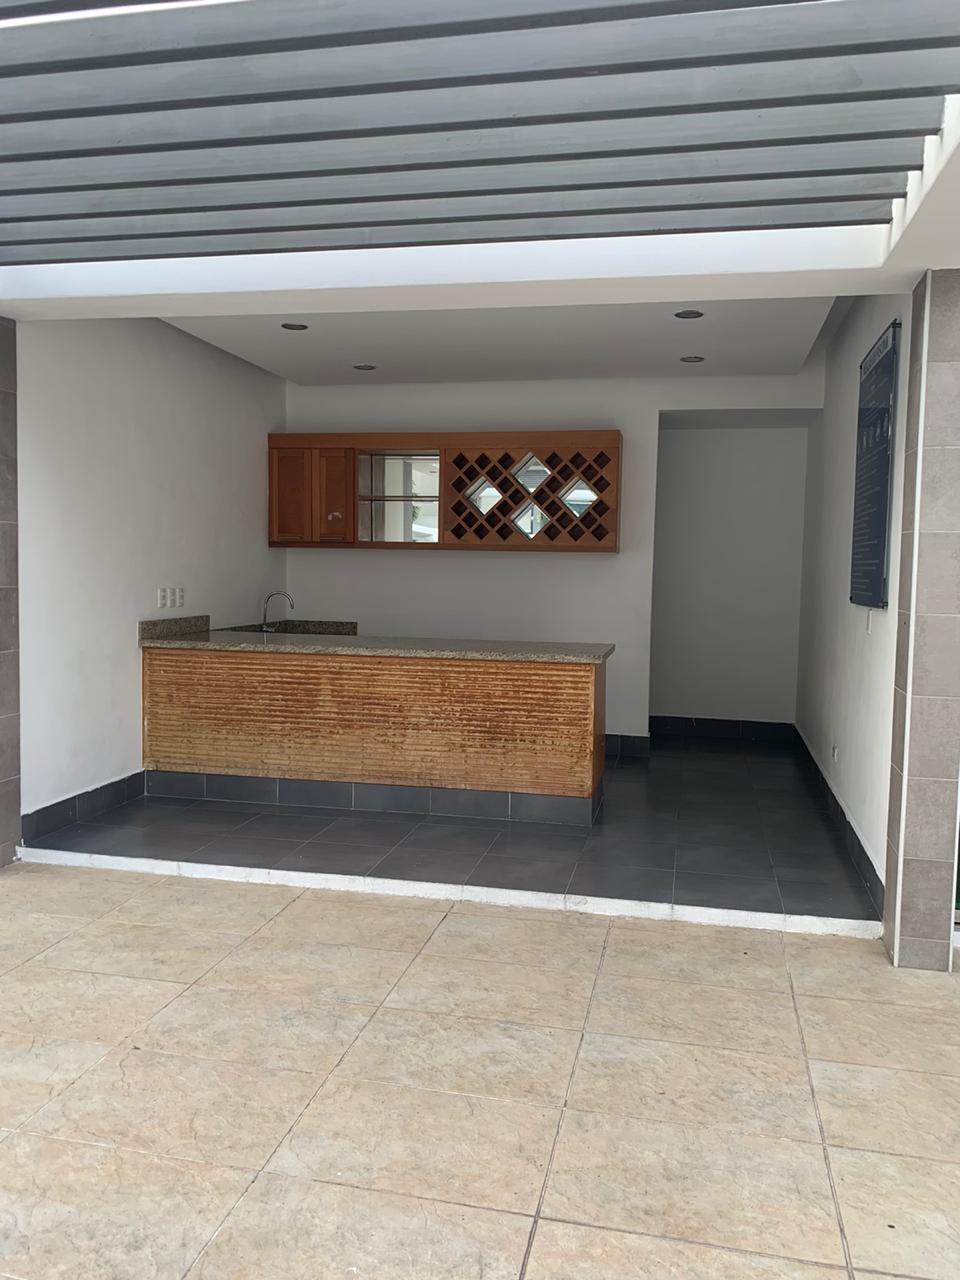 Apartamento en venta en el sector RENACIMIENTO precio US$ 240,000.00 US$240,000